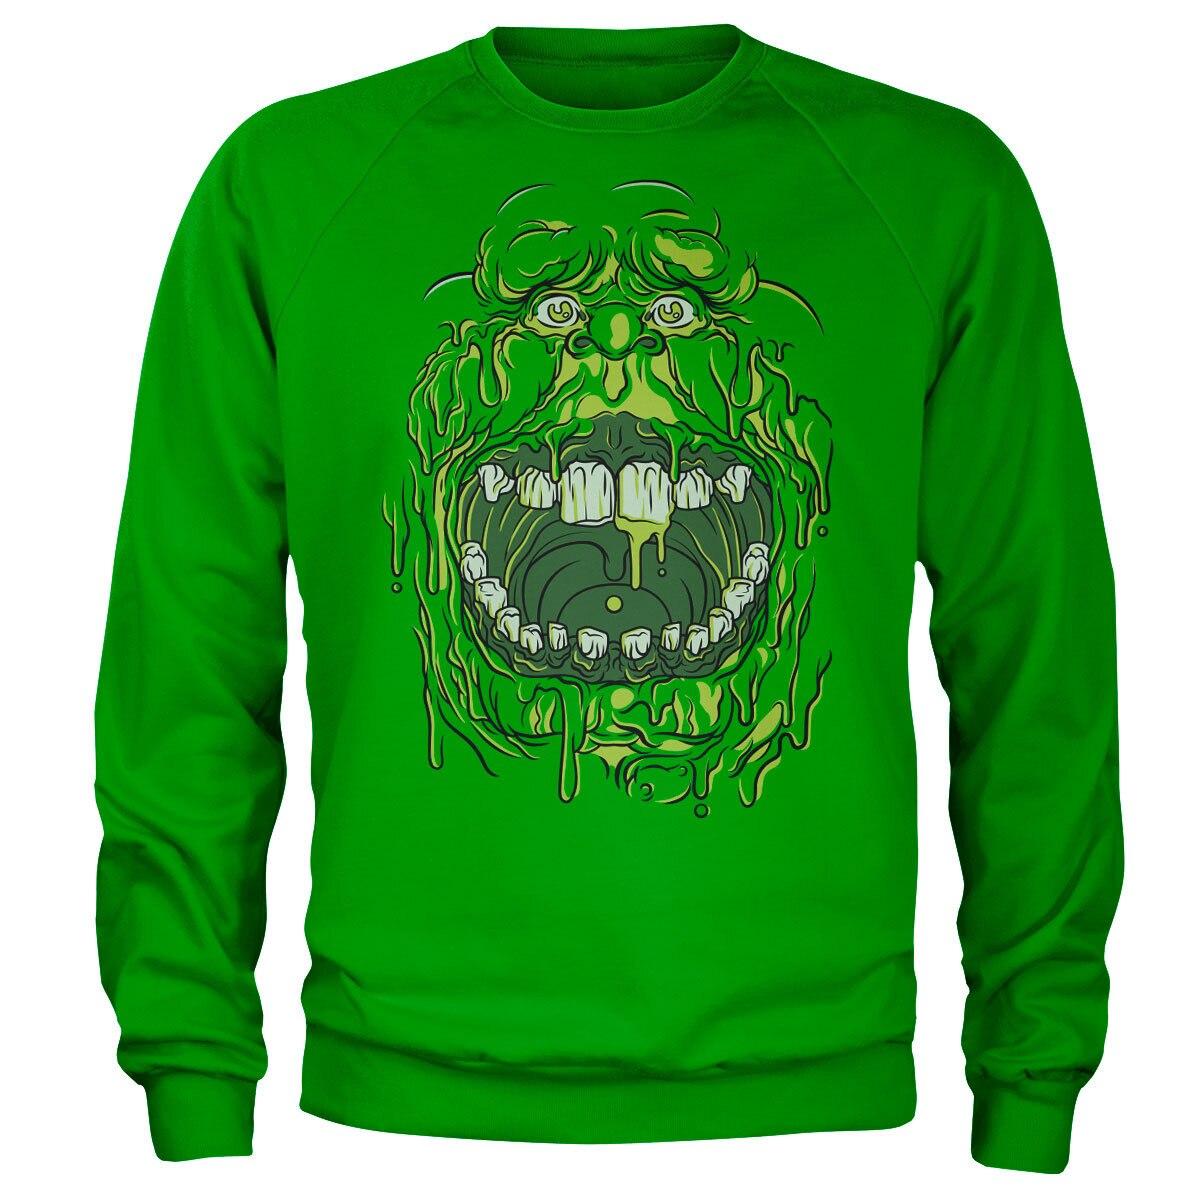 Ghostbusters Slimer Sweatshirt